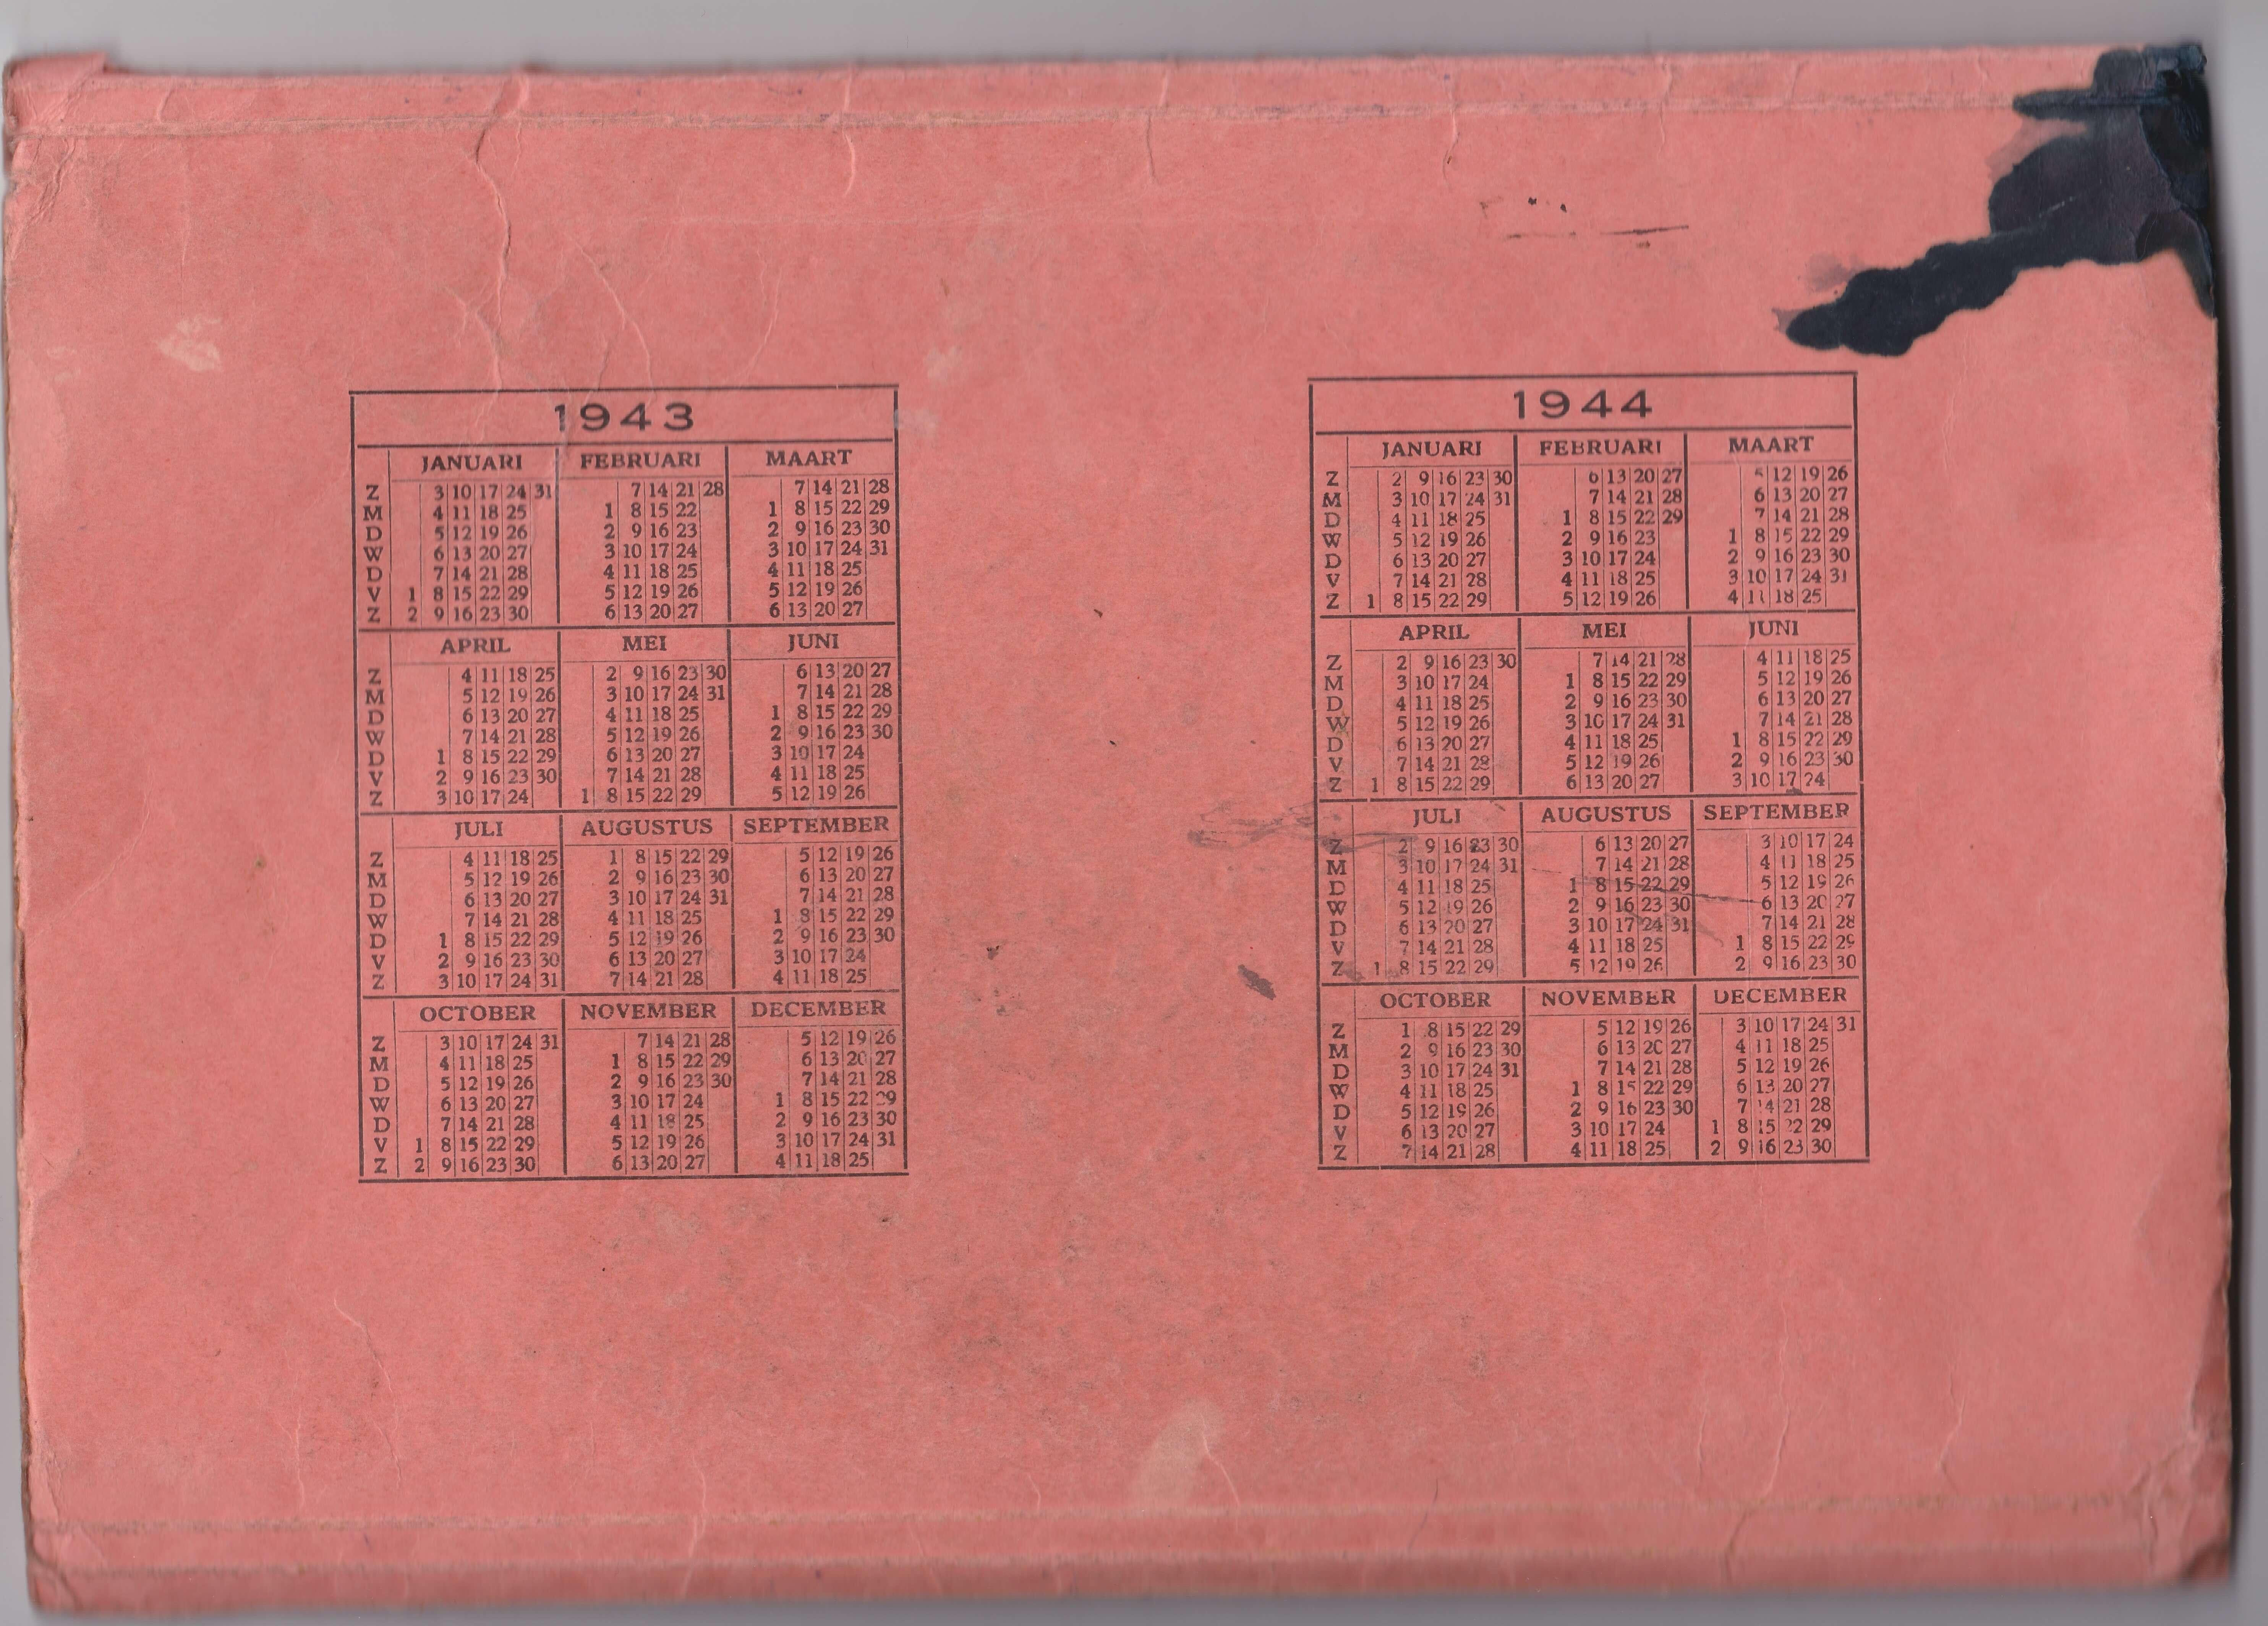 VDH Map voor distributiebonnen tweede wereldoorlog